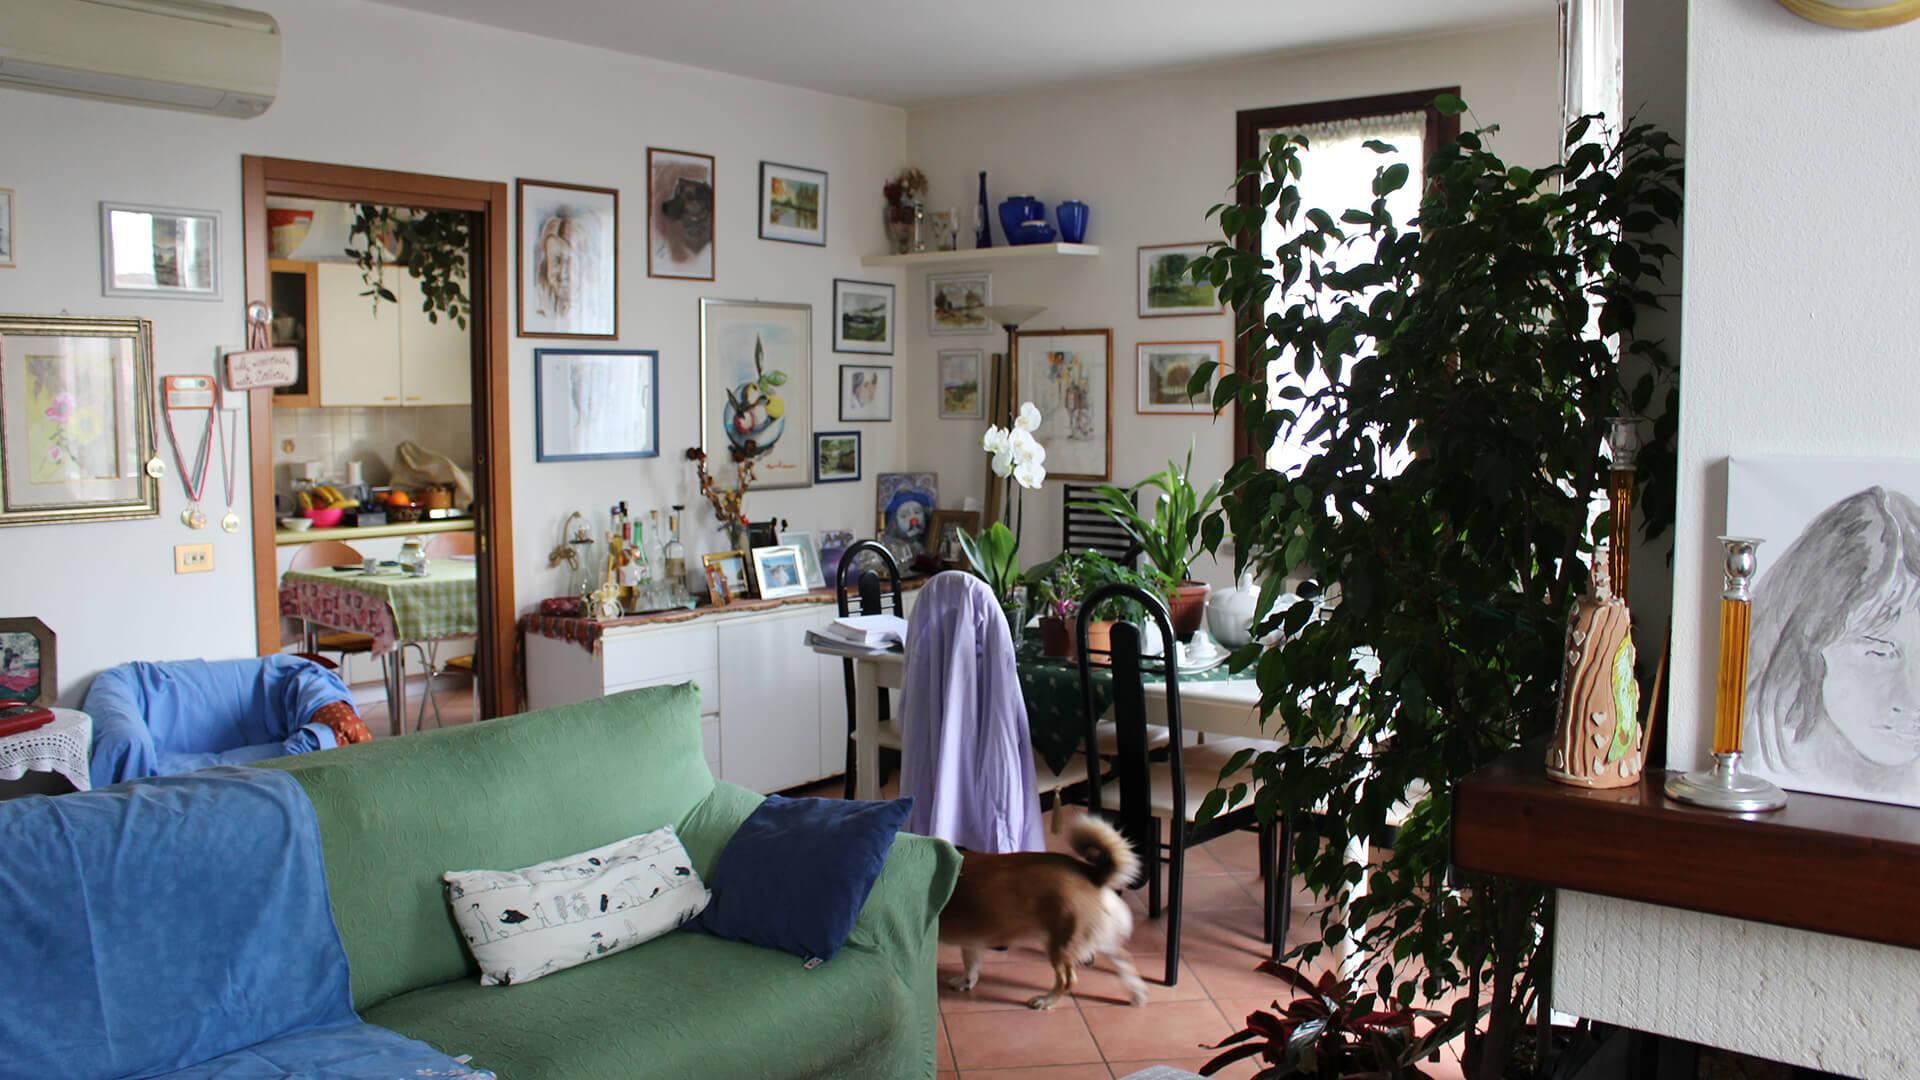 carta bianca progetto home staging villa a schiera reggio emilia prima intervento